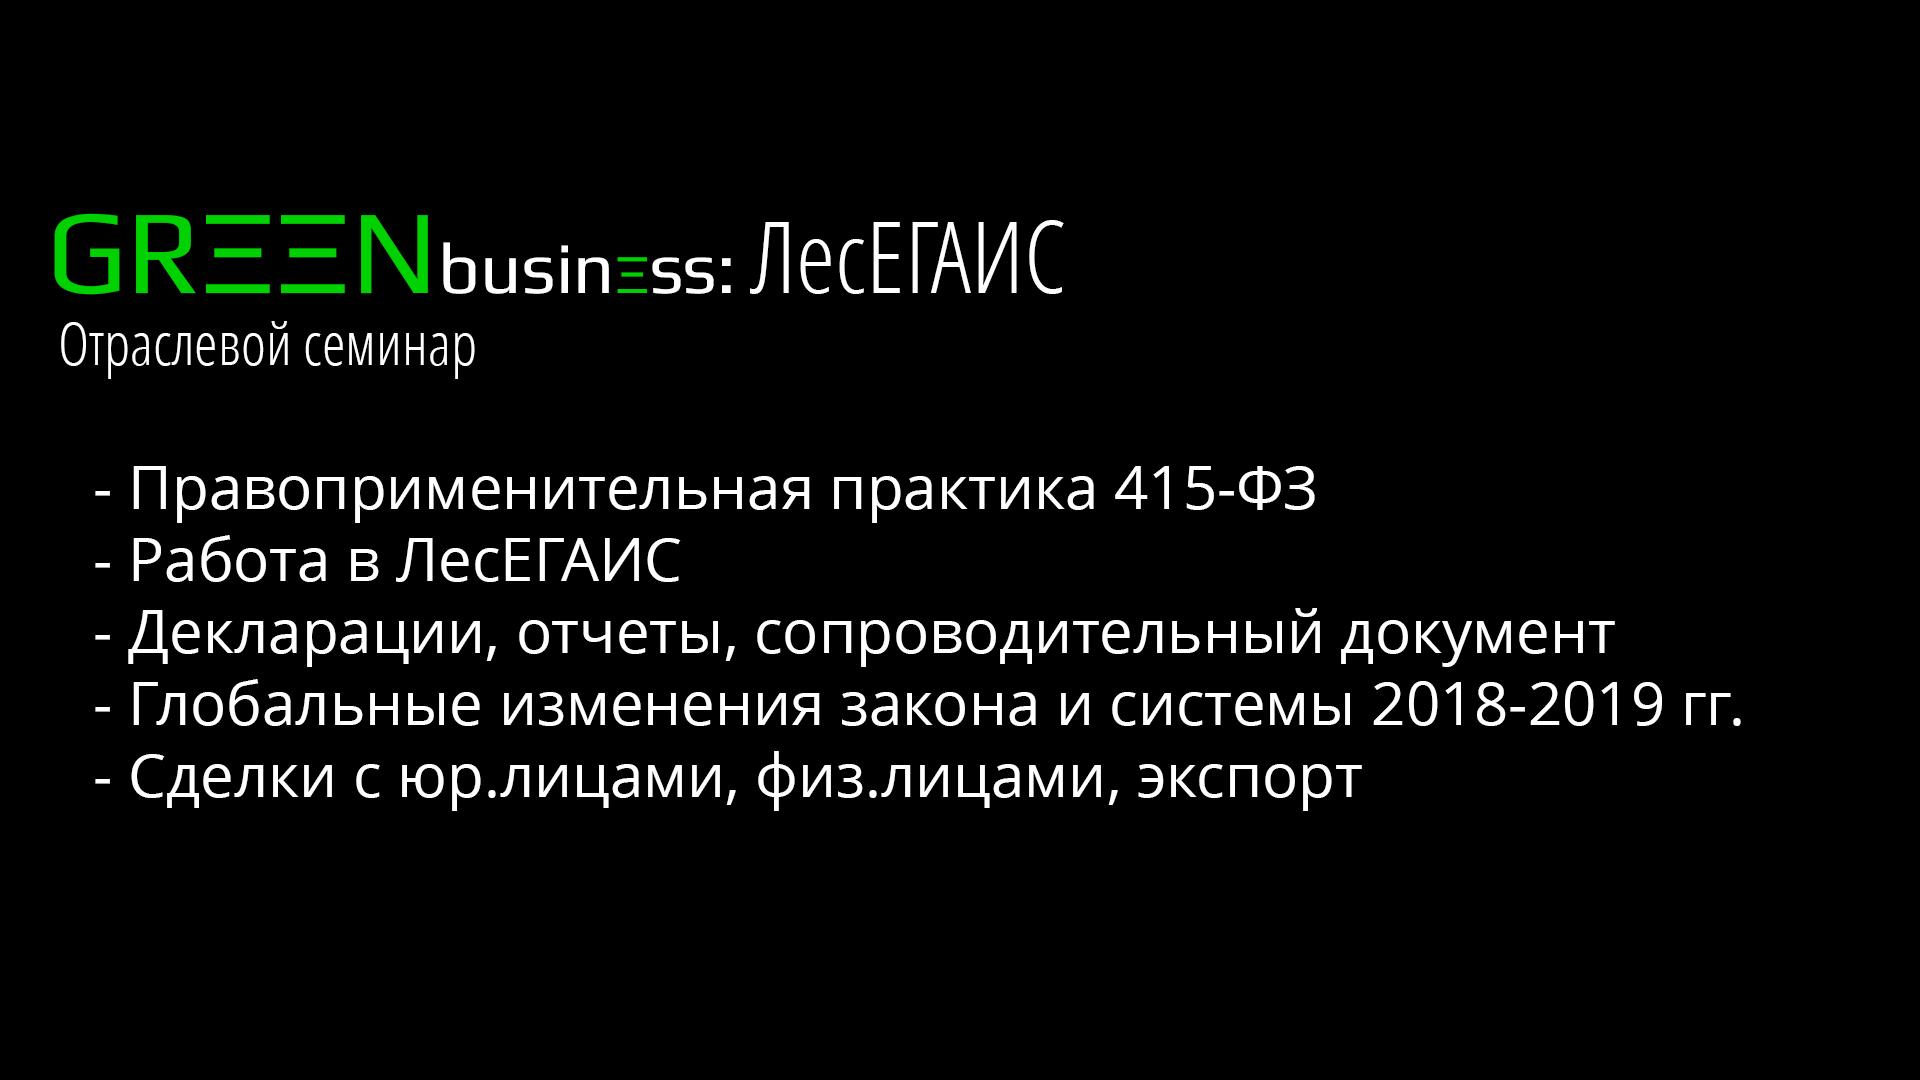 Пермь. Отраслевой семинар